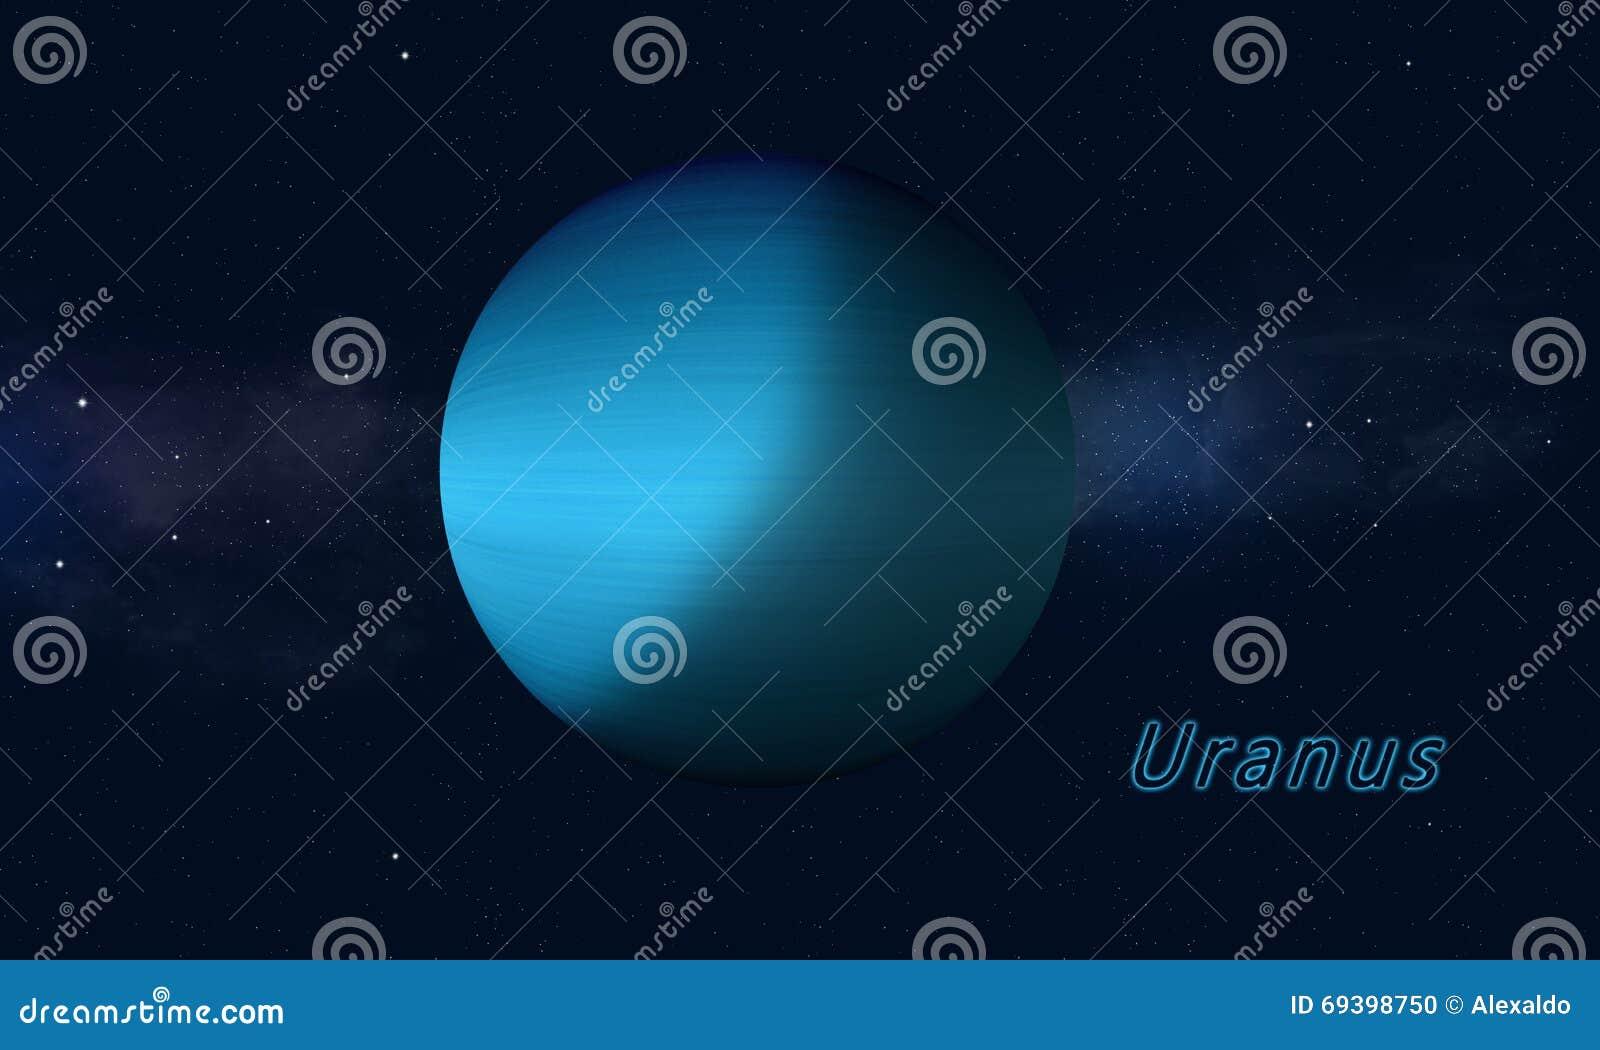 Urano do gigante de gás